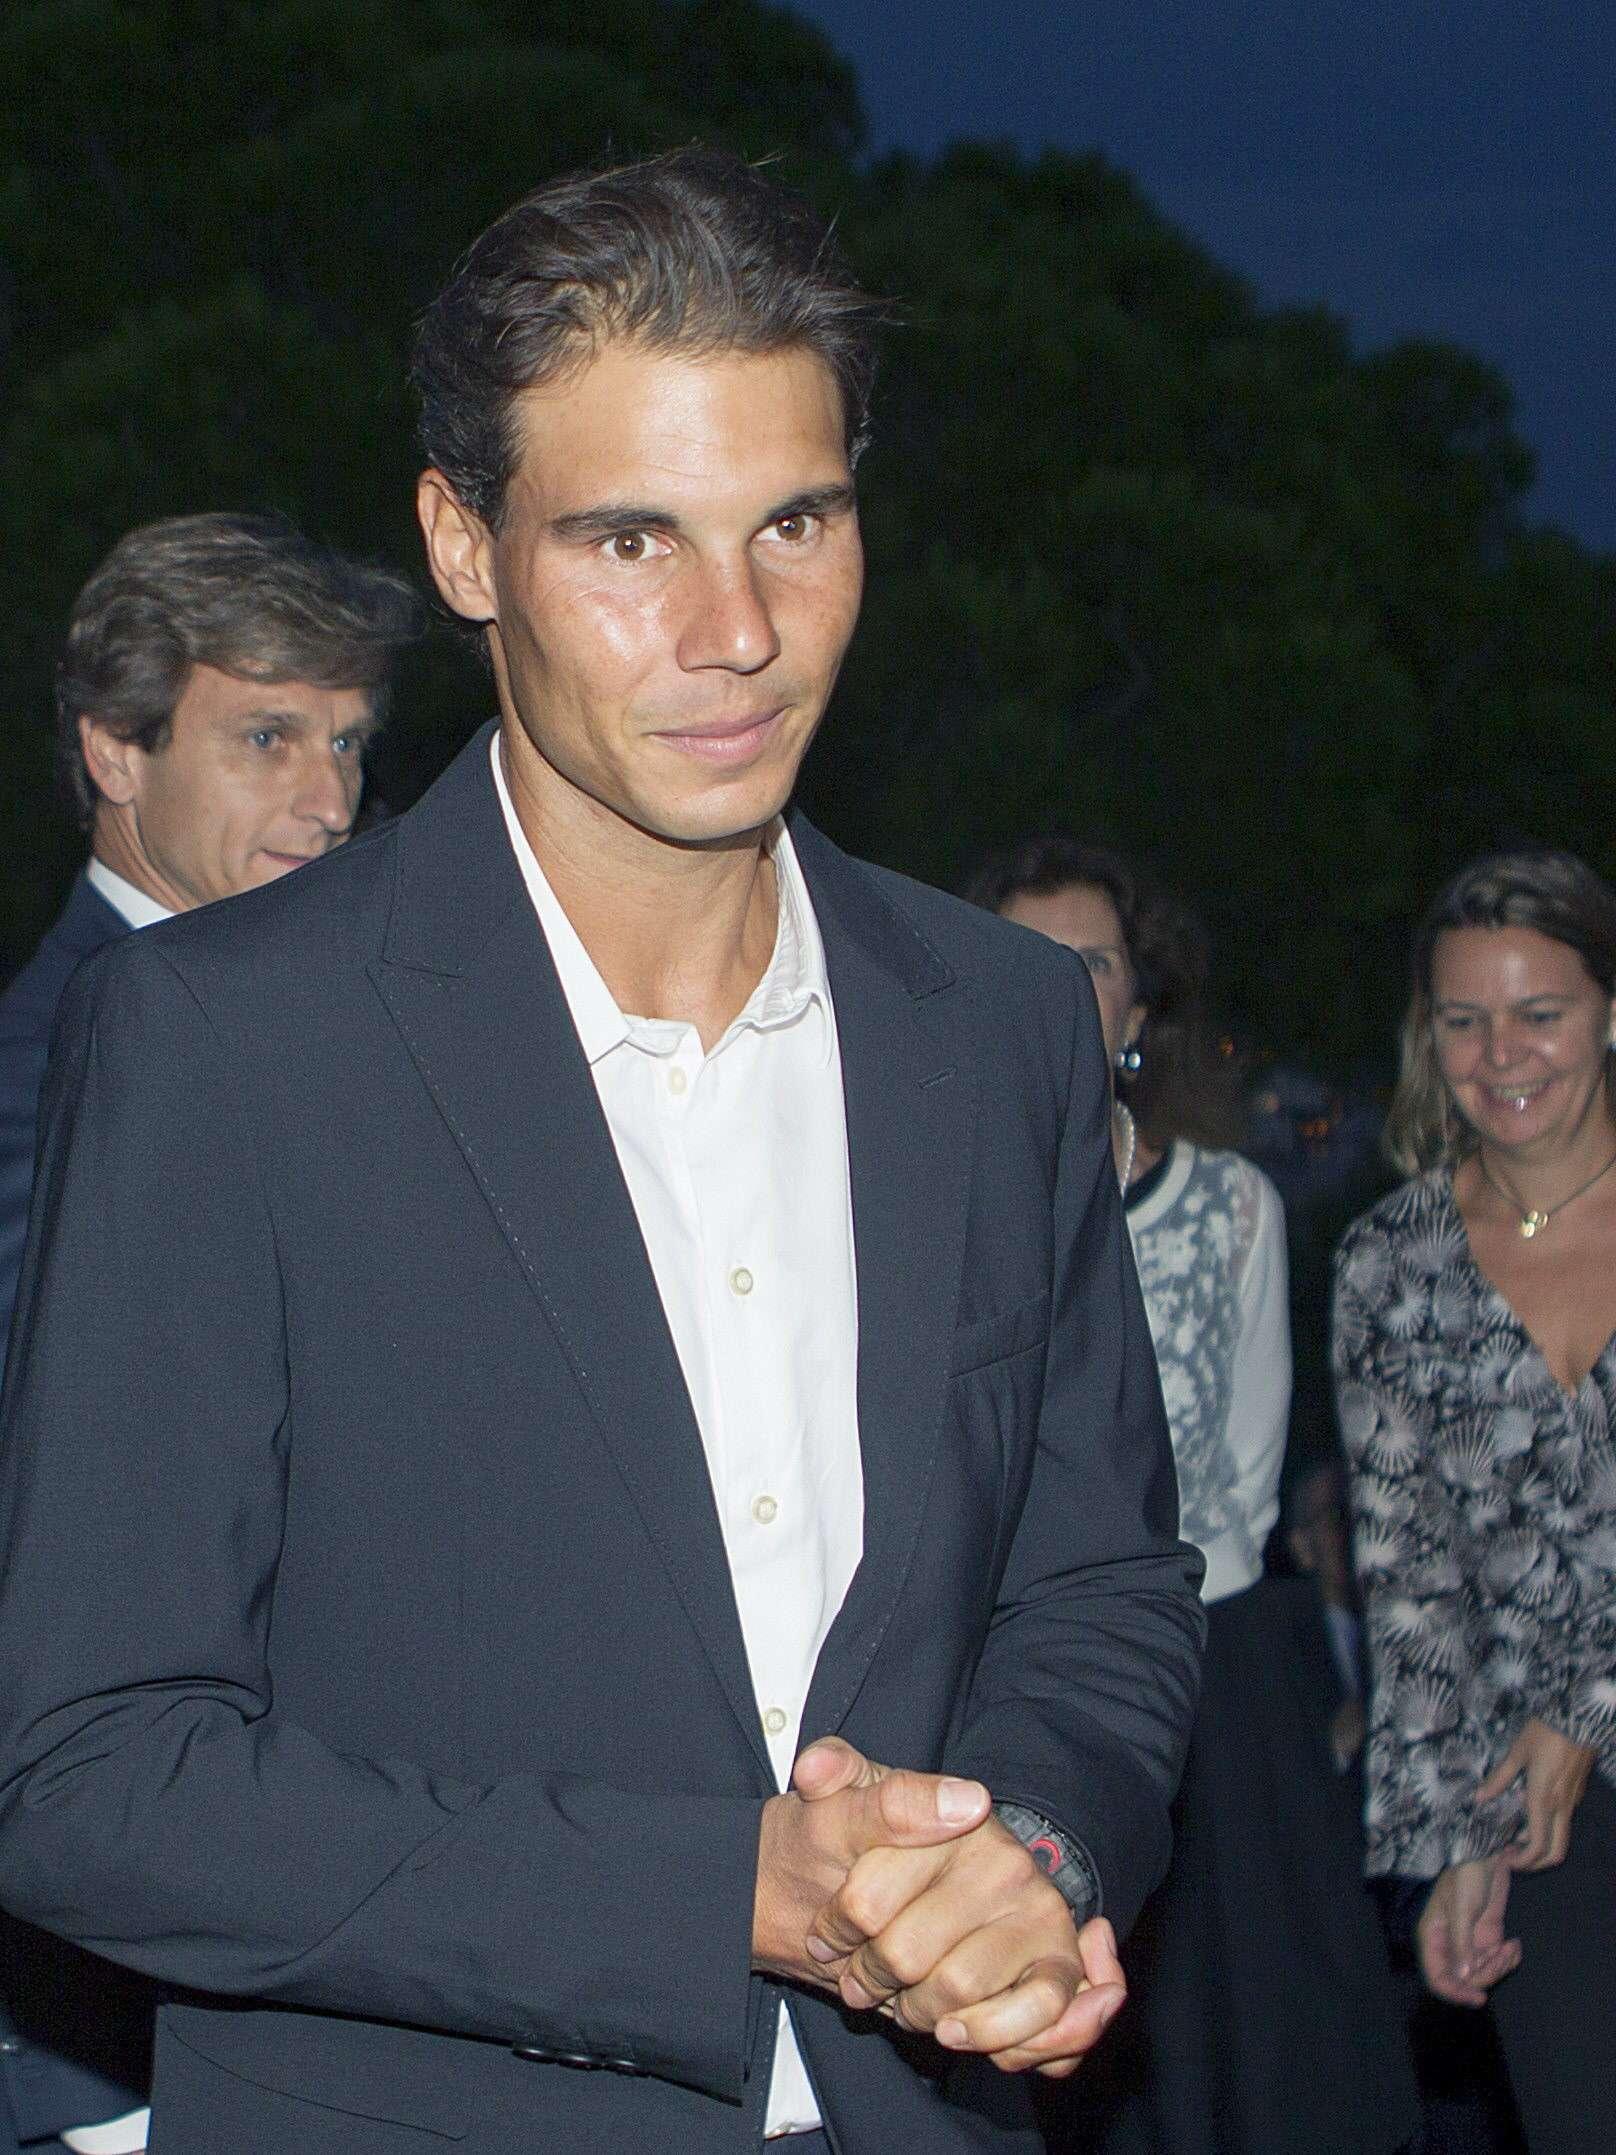 Rafael Nadal volverá el lunes a jugar luego de que no lo hace desde Wimbledon. Foto: EFE